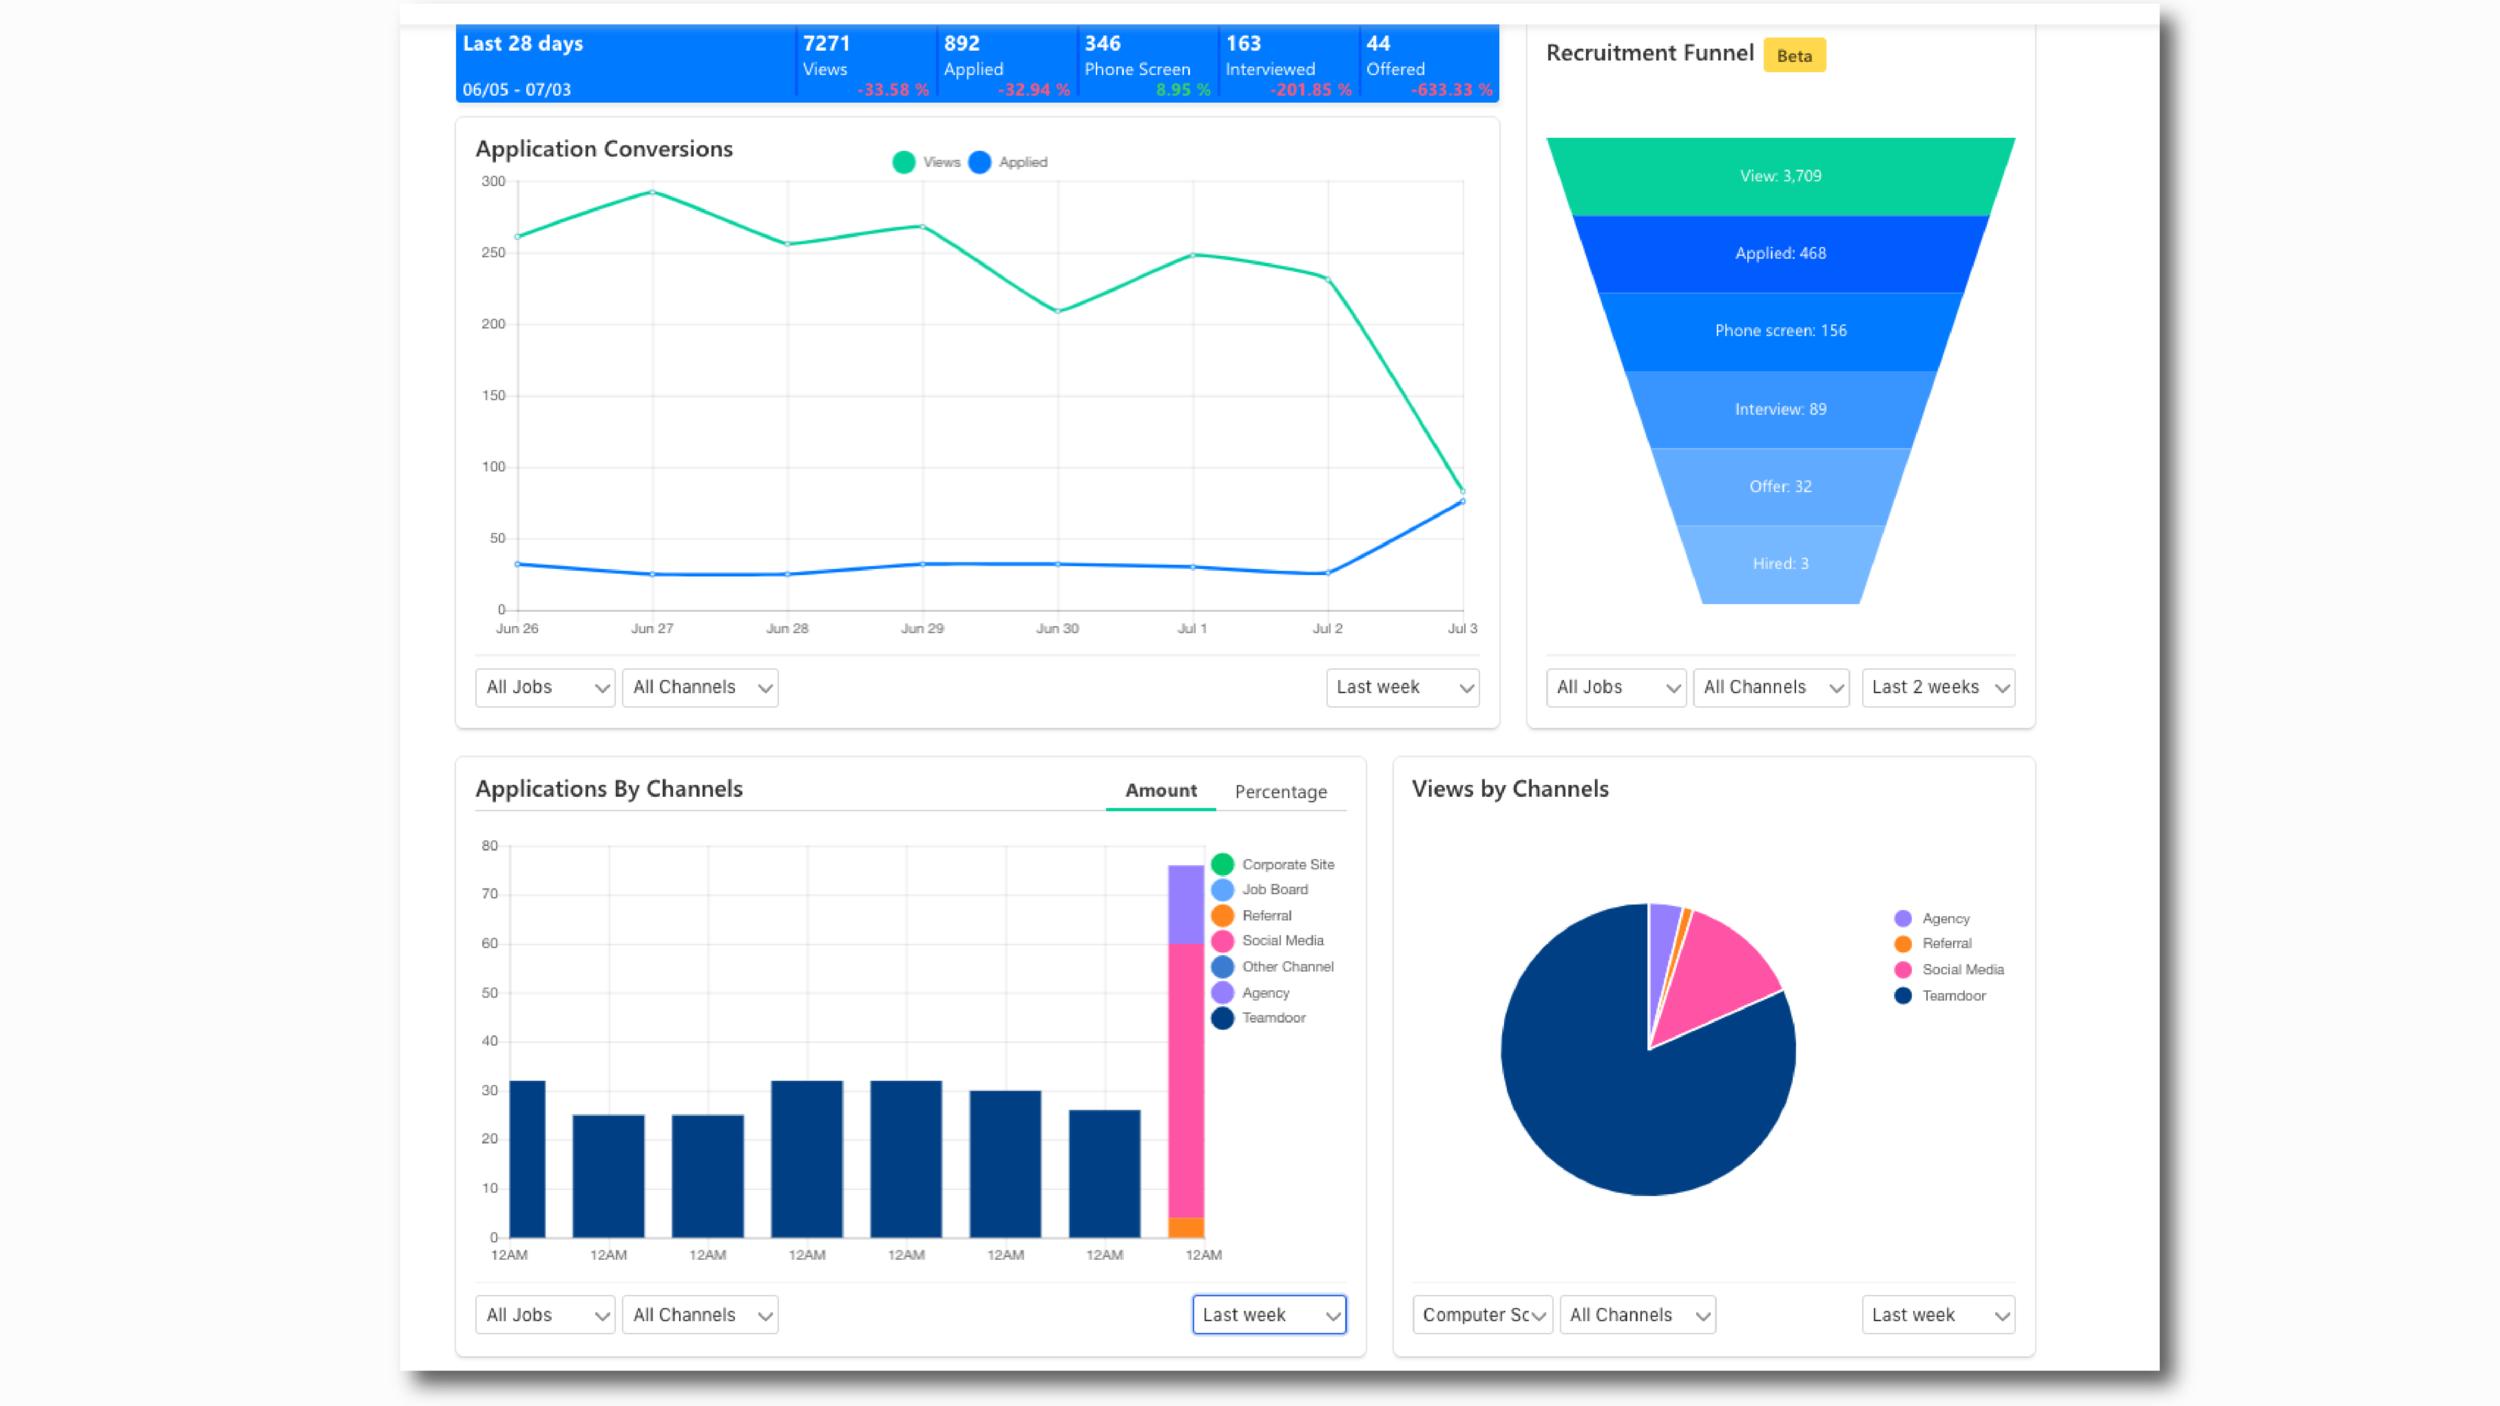 Teamdoor 後台提供漏斗圖、圓餅圖,將資料視覺化呈現,方便追蹤成效(此圖為示意圖)